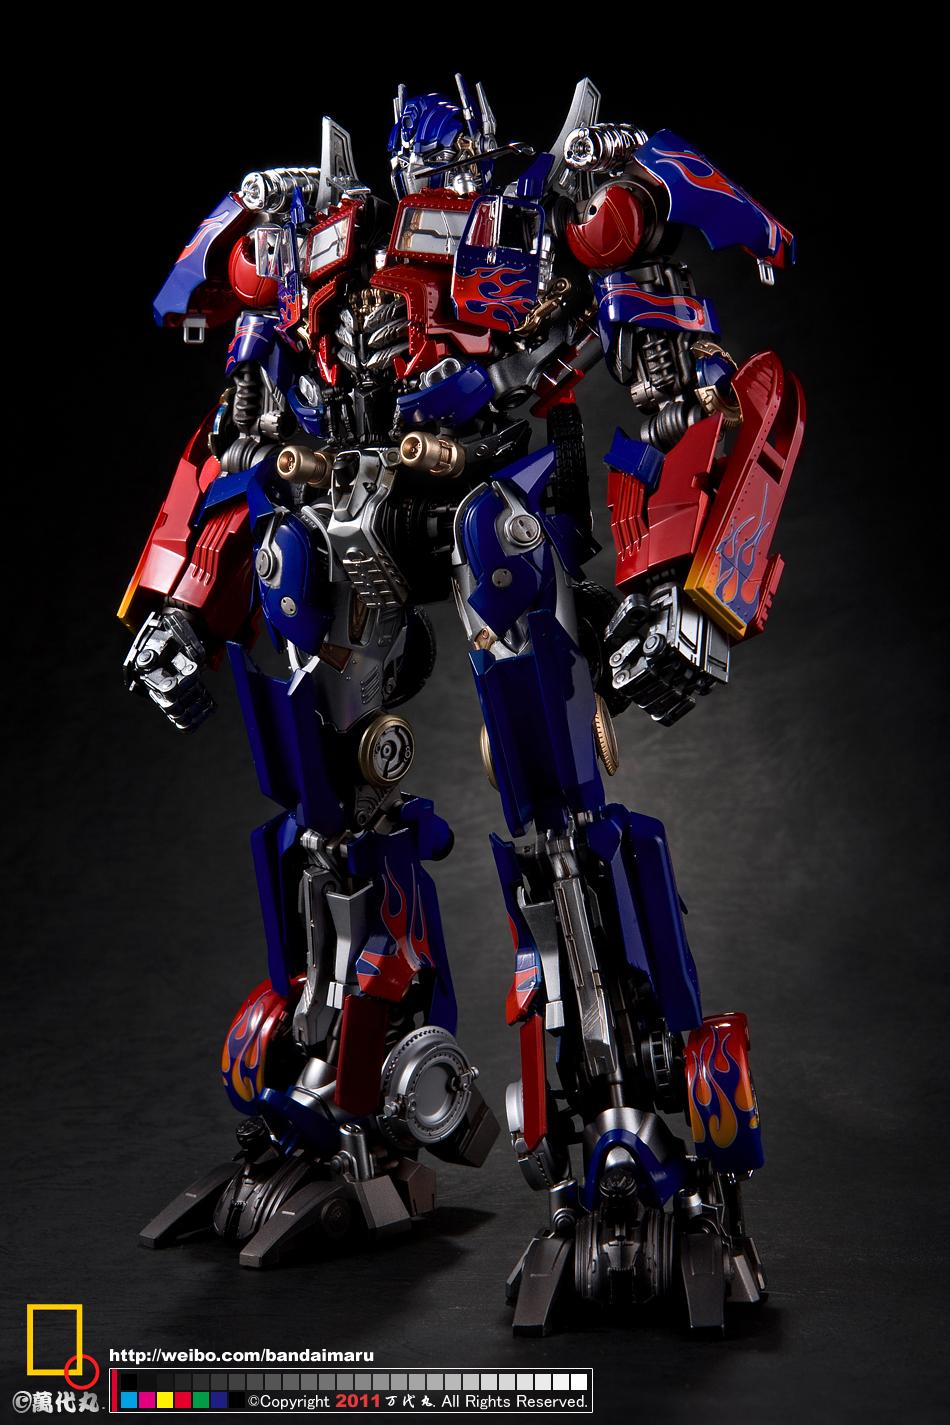 ... GUY: Transformers Dual Model Kit DMK01 Optimus Prime - Painted Build